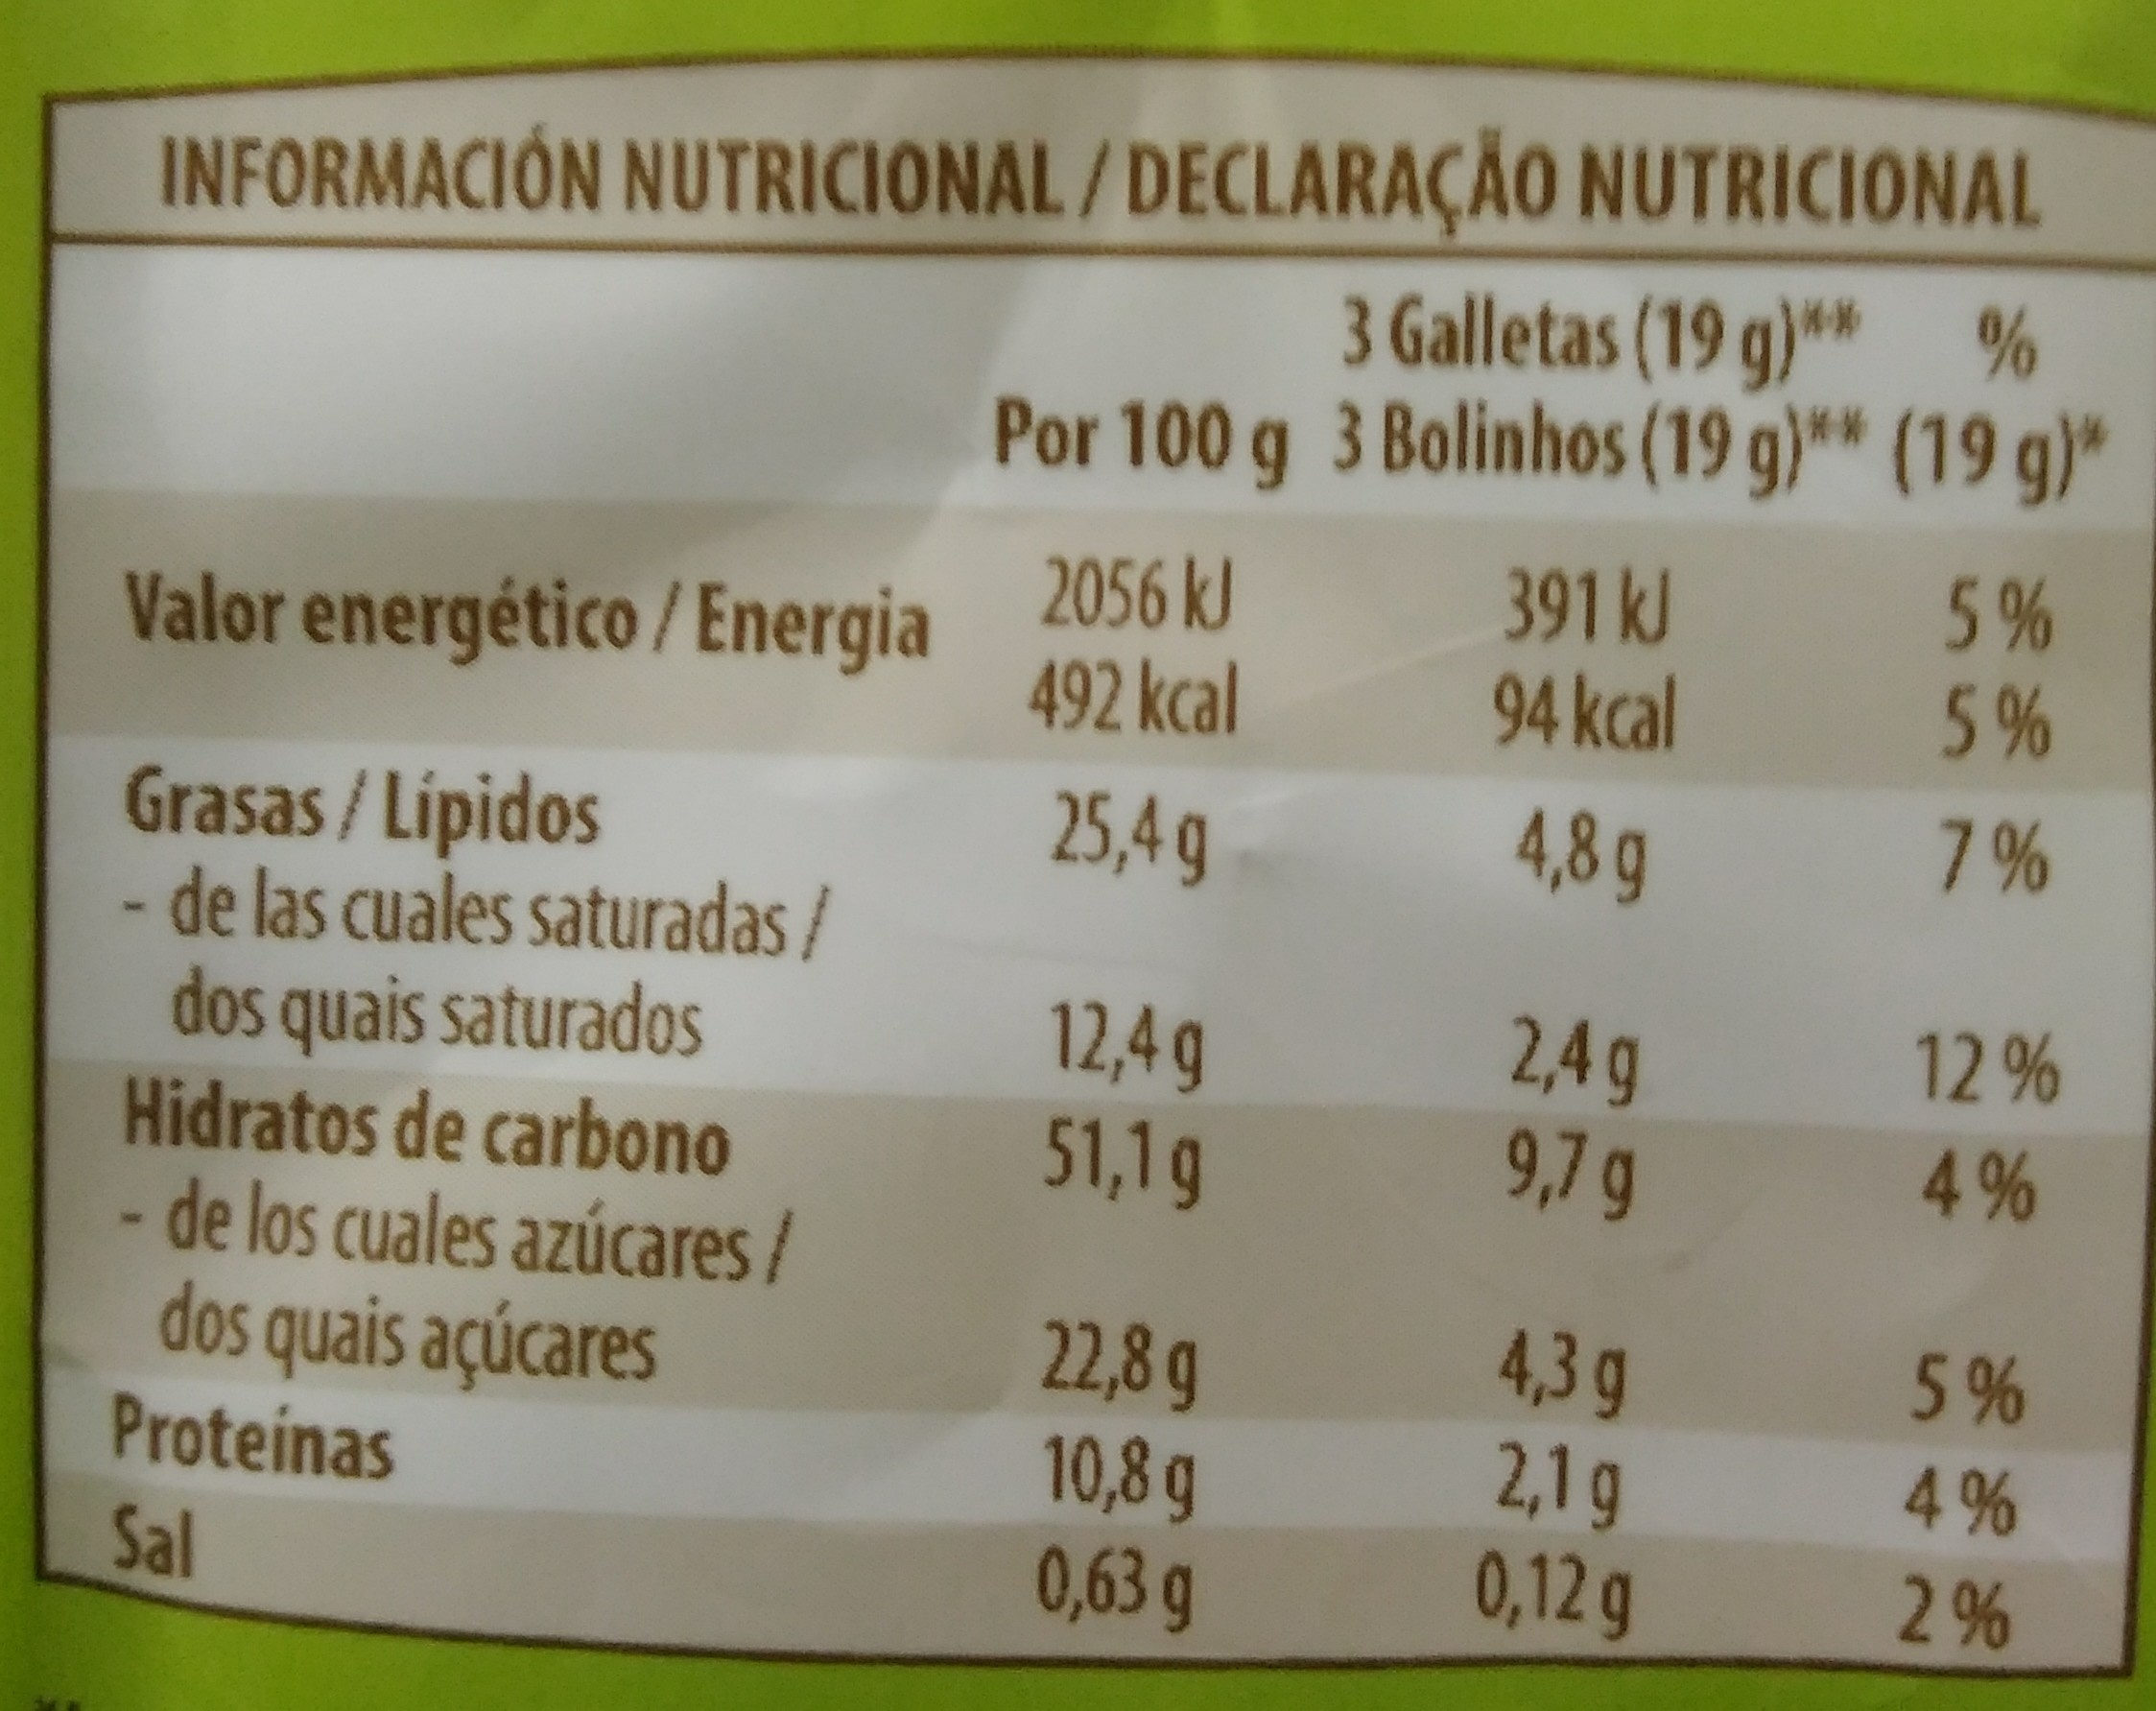 Galleta de avena y chocolate negro - Informations nutritionnelles - es